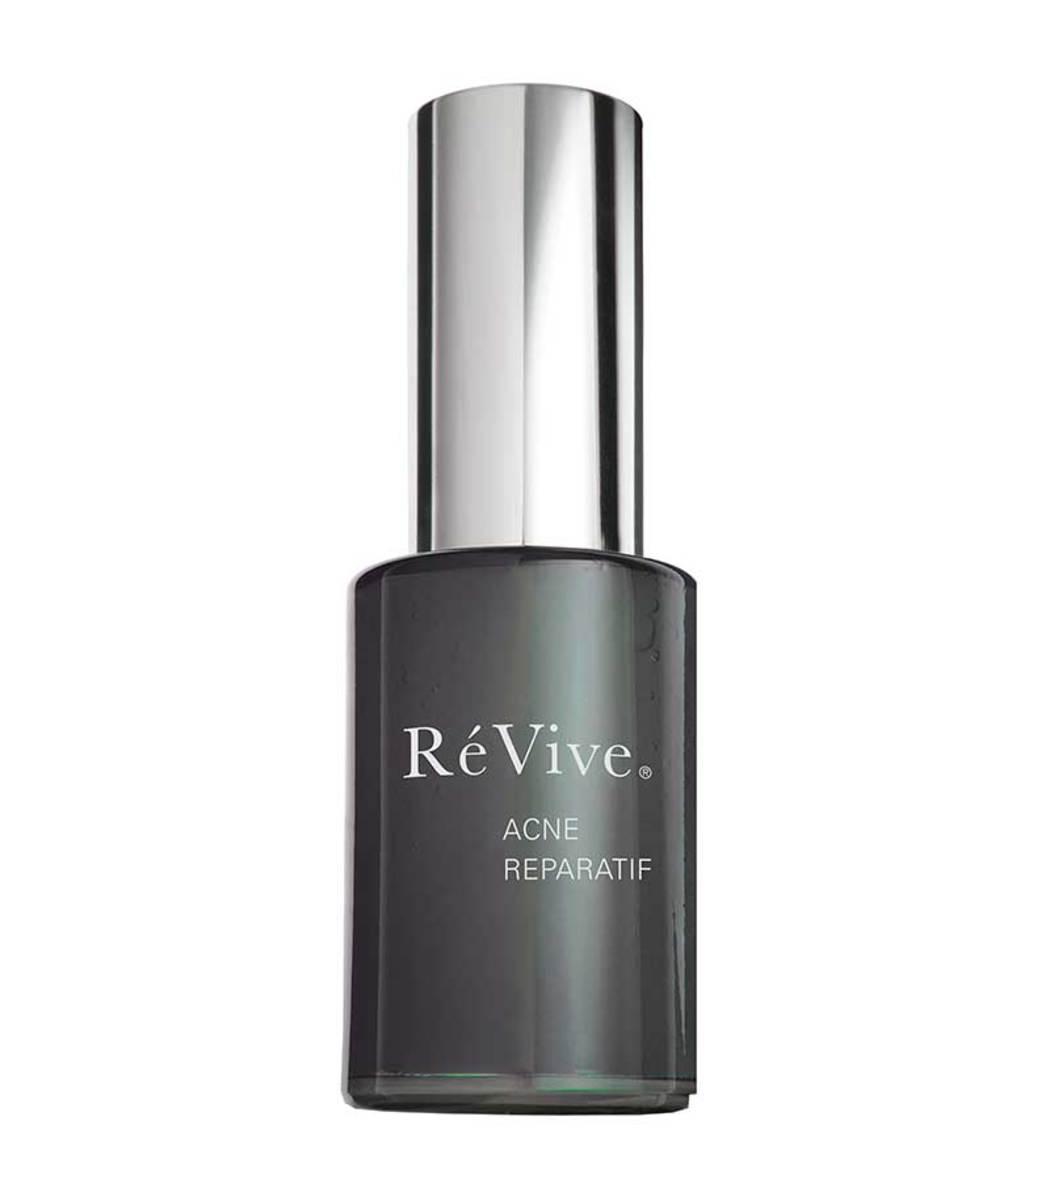 REVIVE Acne Reparatif